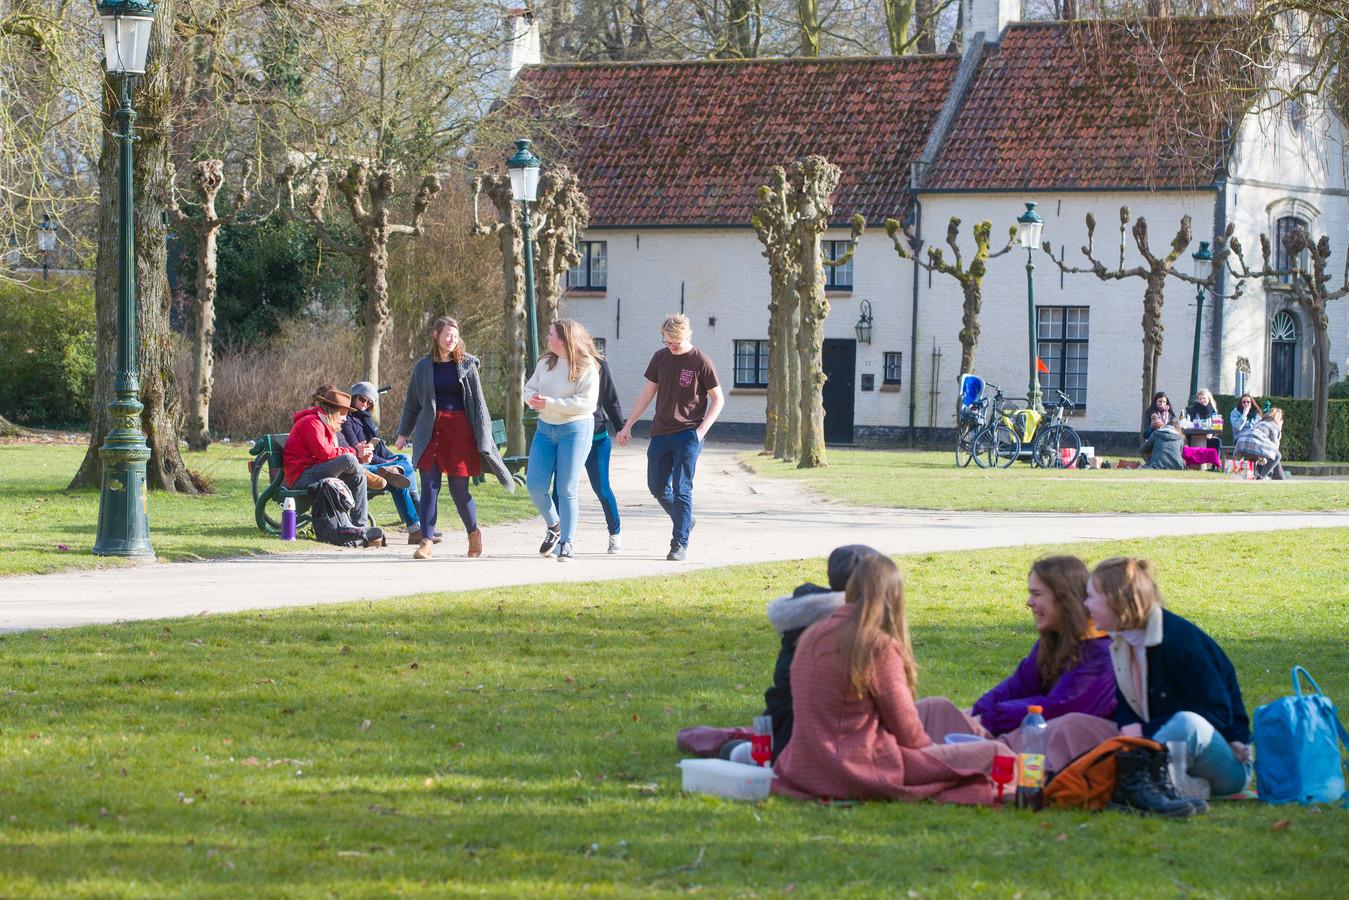 In het Minnewaterpark zorgen jongeren al maanden voor overlast. Voor de duidelijkheid: de jongeren op deze foto doen niks verkeerd.